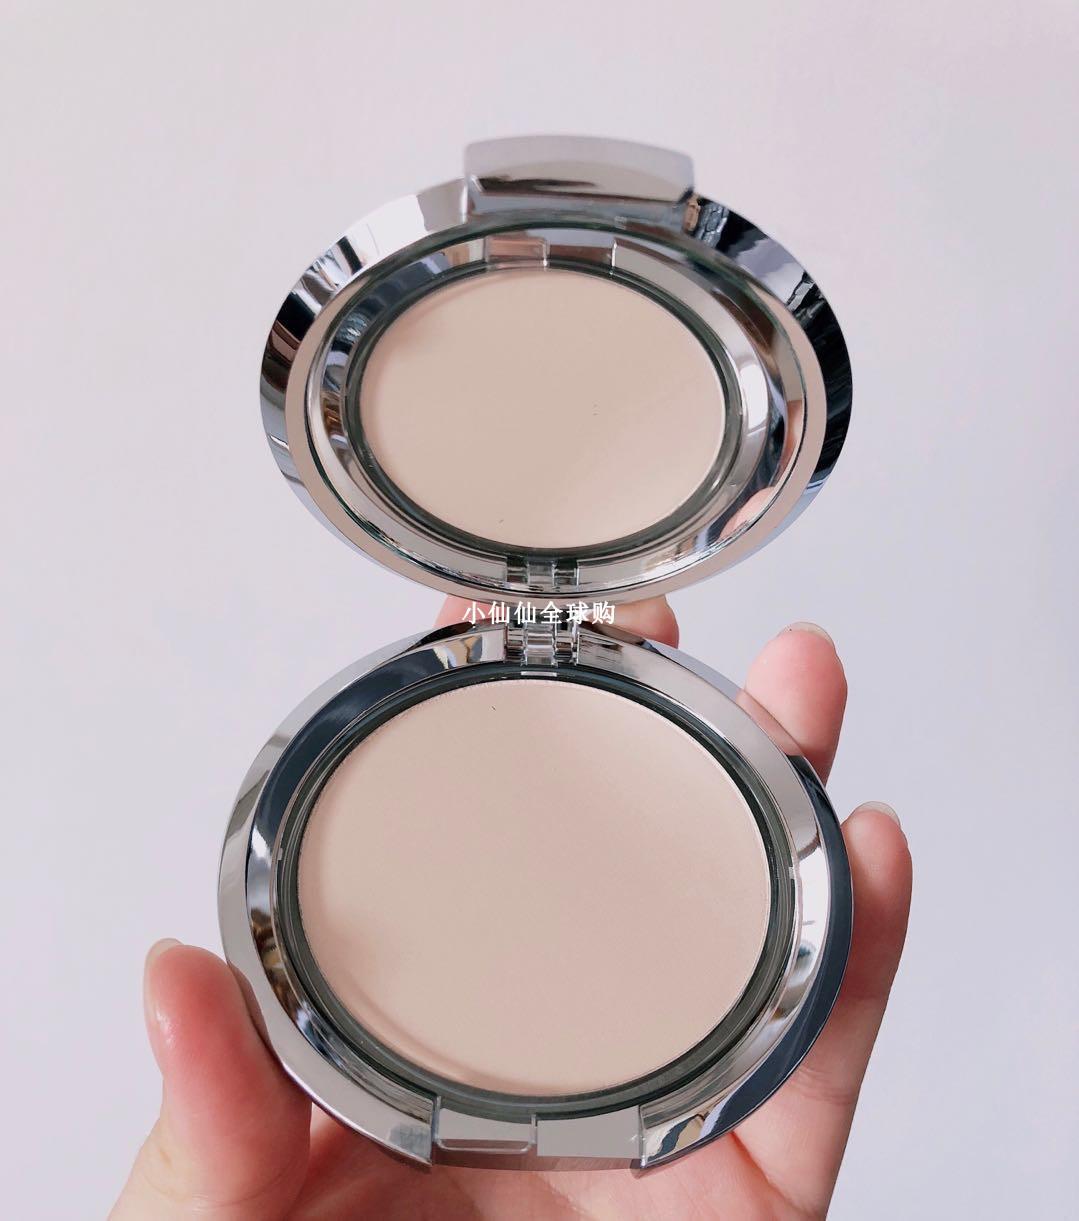 香缇卡干湿两用粉饼 shell petal 粉饼 韩国免税店采购